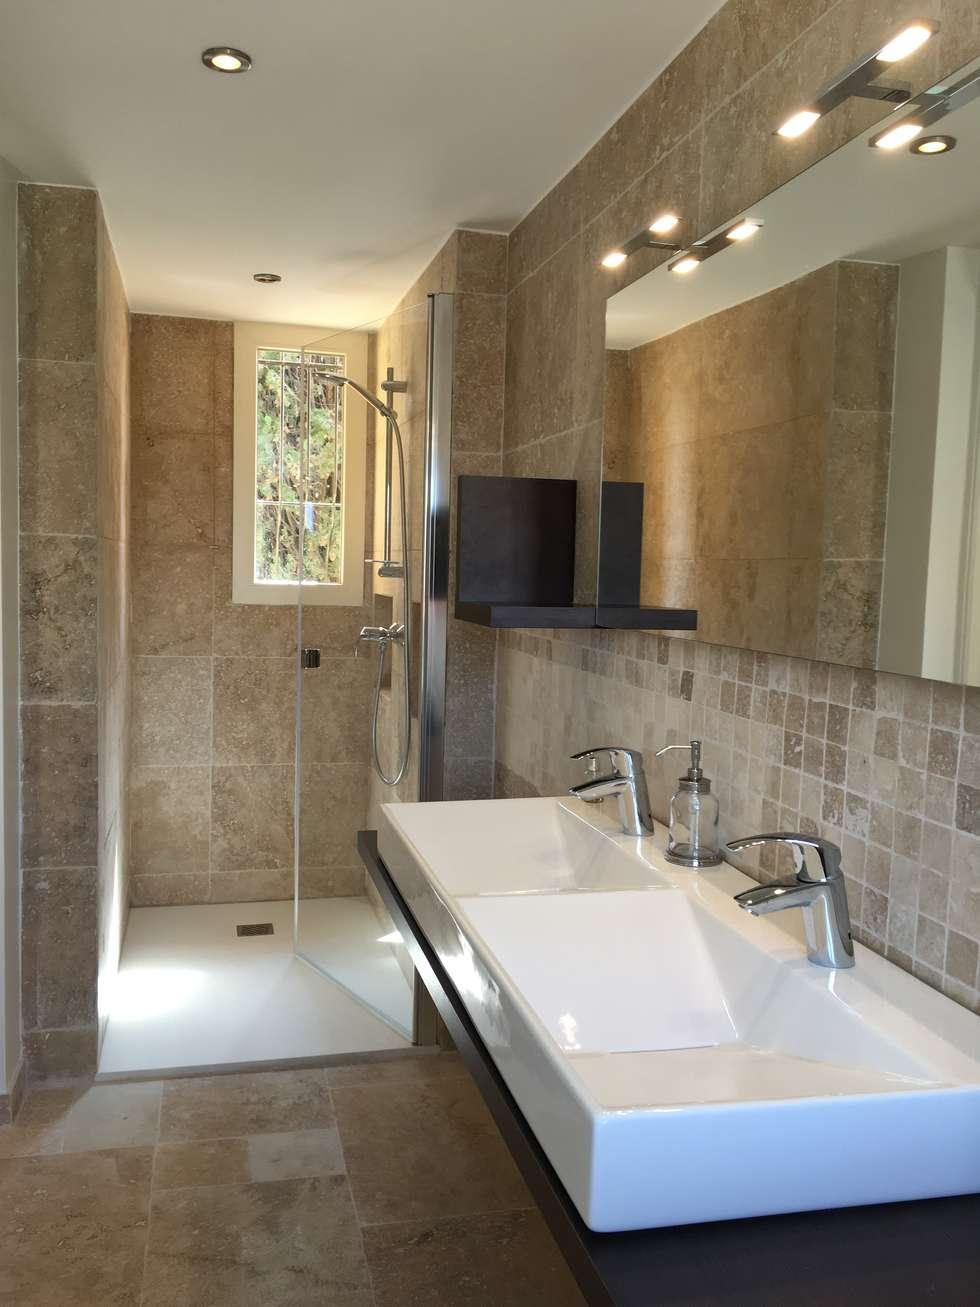 Salle de douche: Salle de bains de style  par Christine Vuillod, Architecte d'intérieur